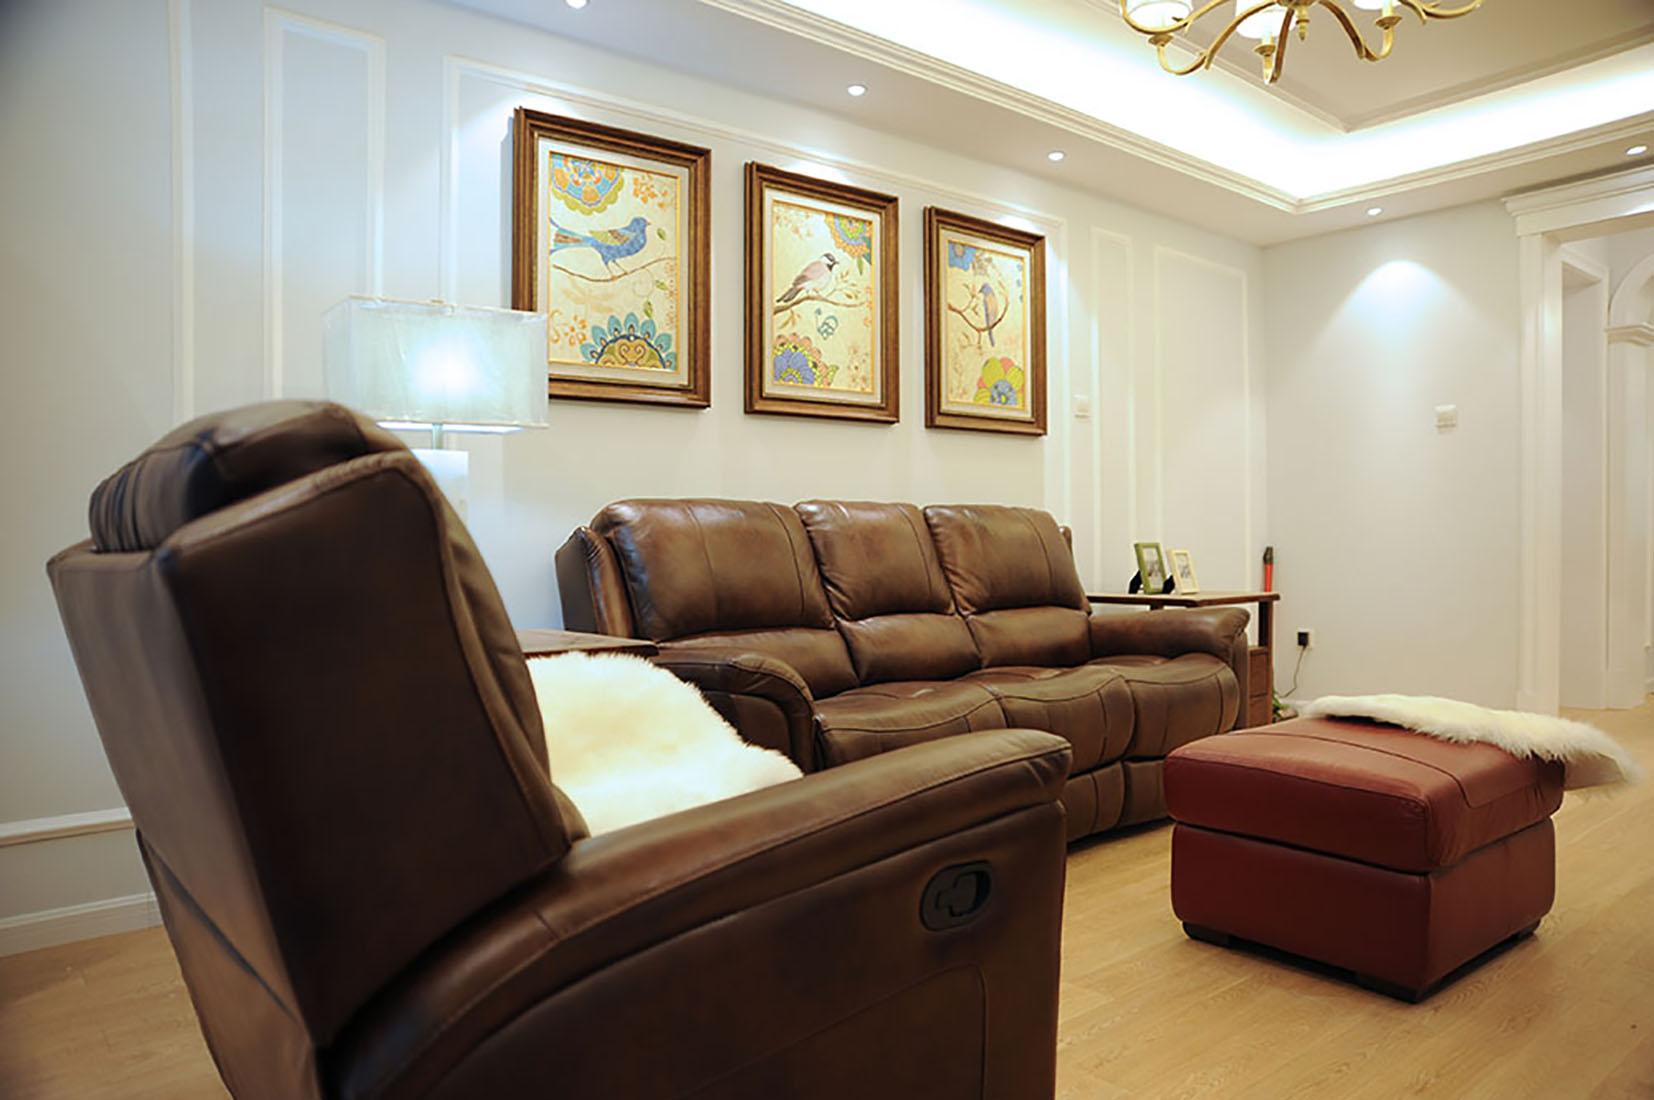 二居 客厅图片来自徐春龙设计师在传奇再现的分享